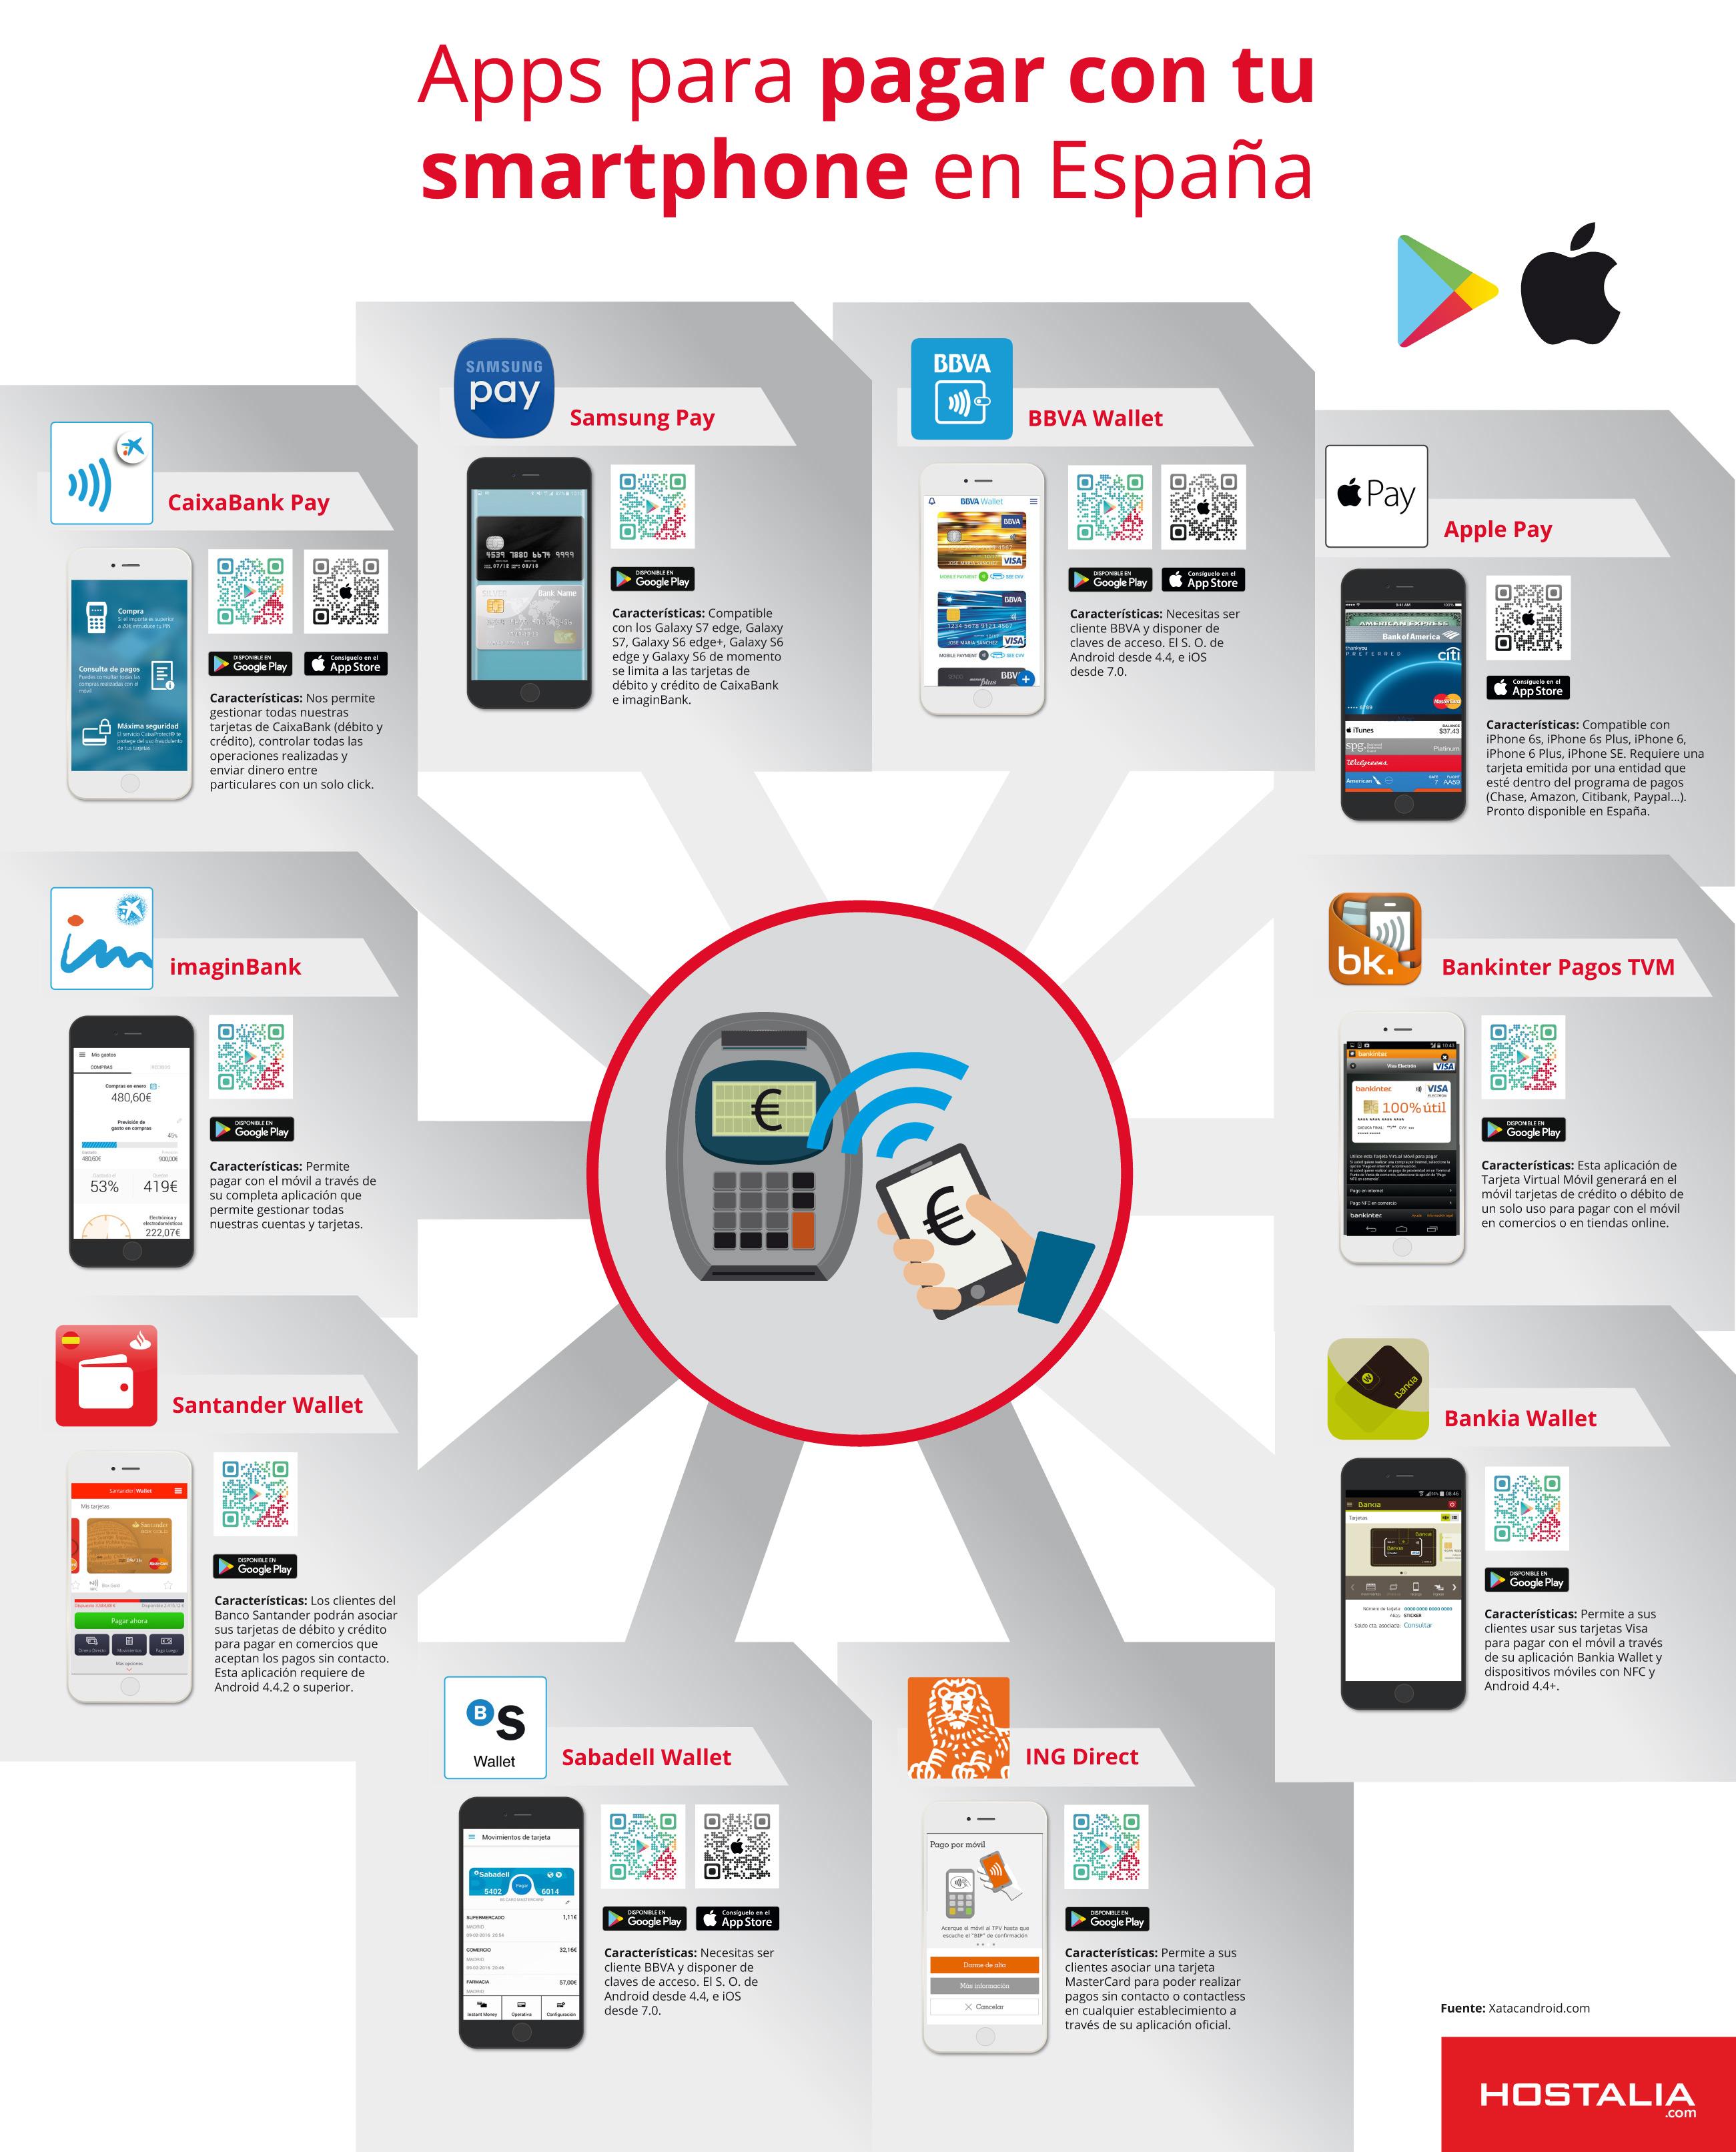 APPs para pagar con tu smartphone en España